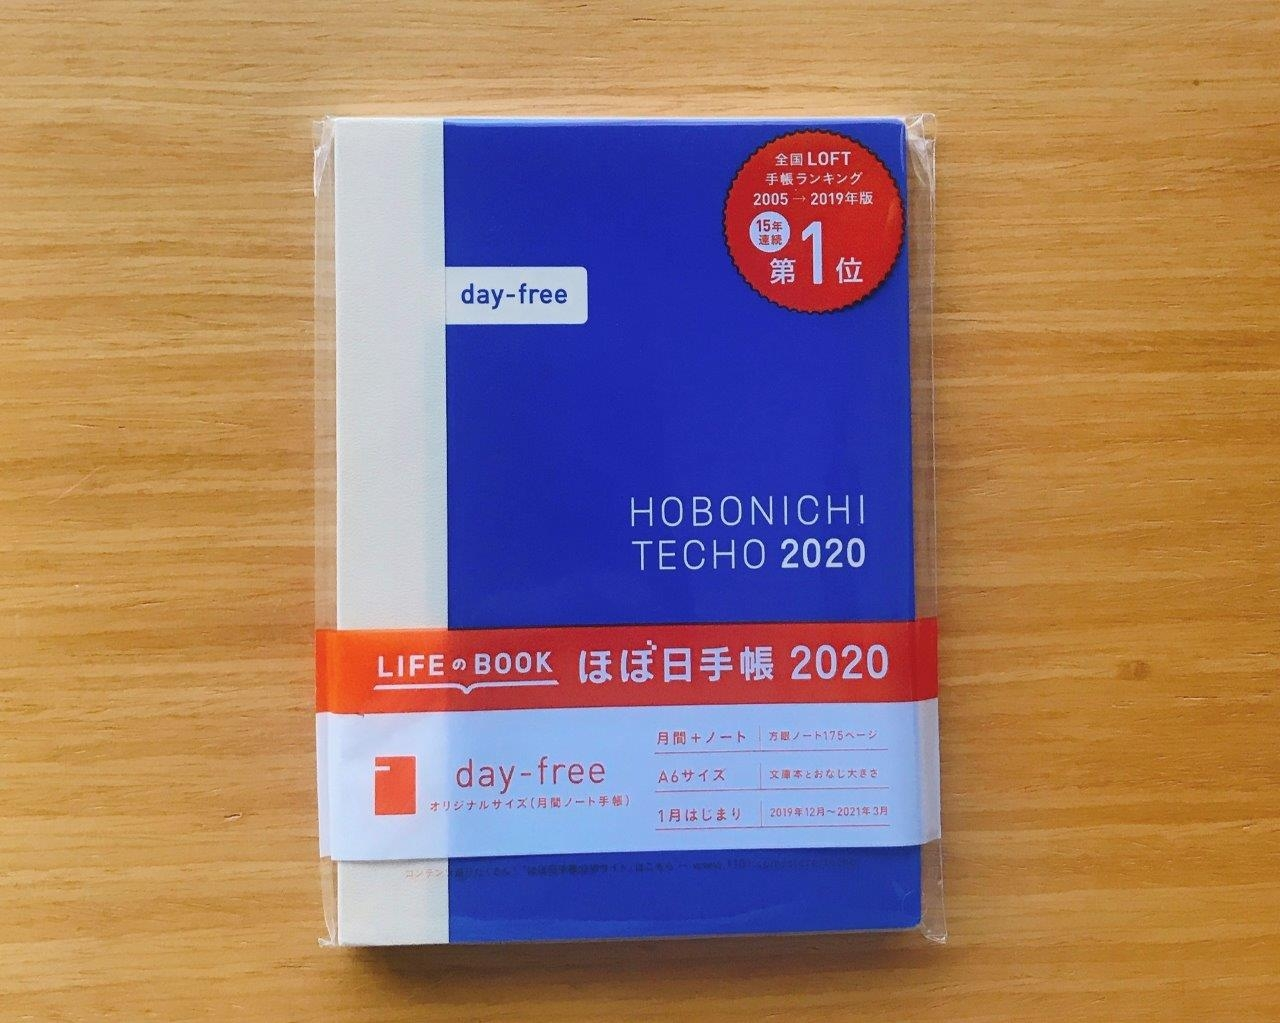 ほぼ日の「day-free(デイフリー)」。A6サイズで1650円(税込み)。2019年11月から新しくラインアップに加わった新商品だ (撮影:大吉紗央里)